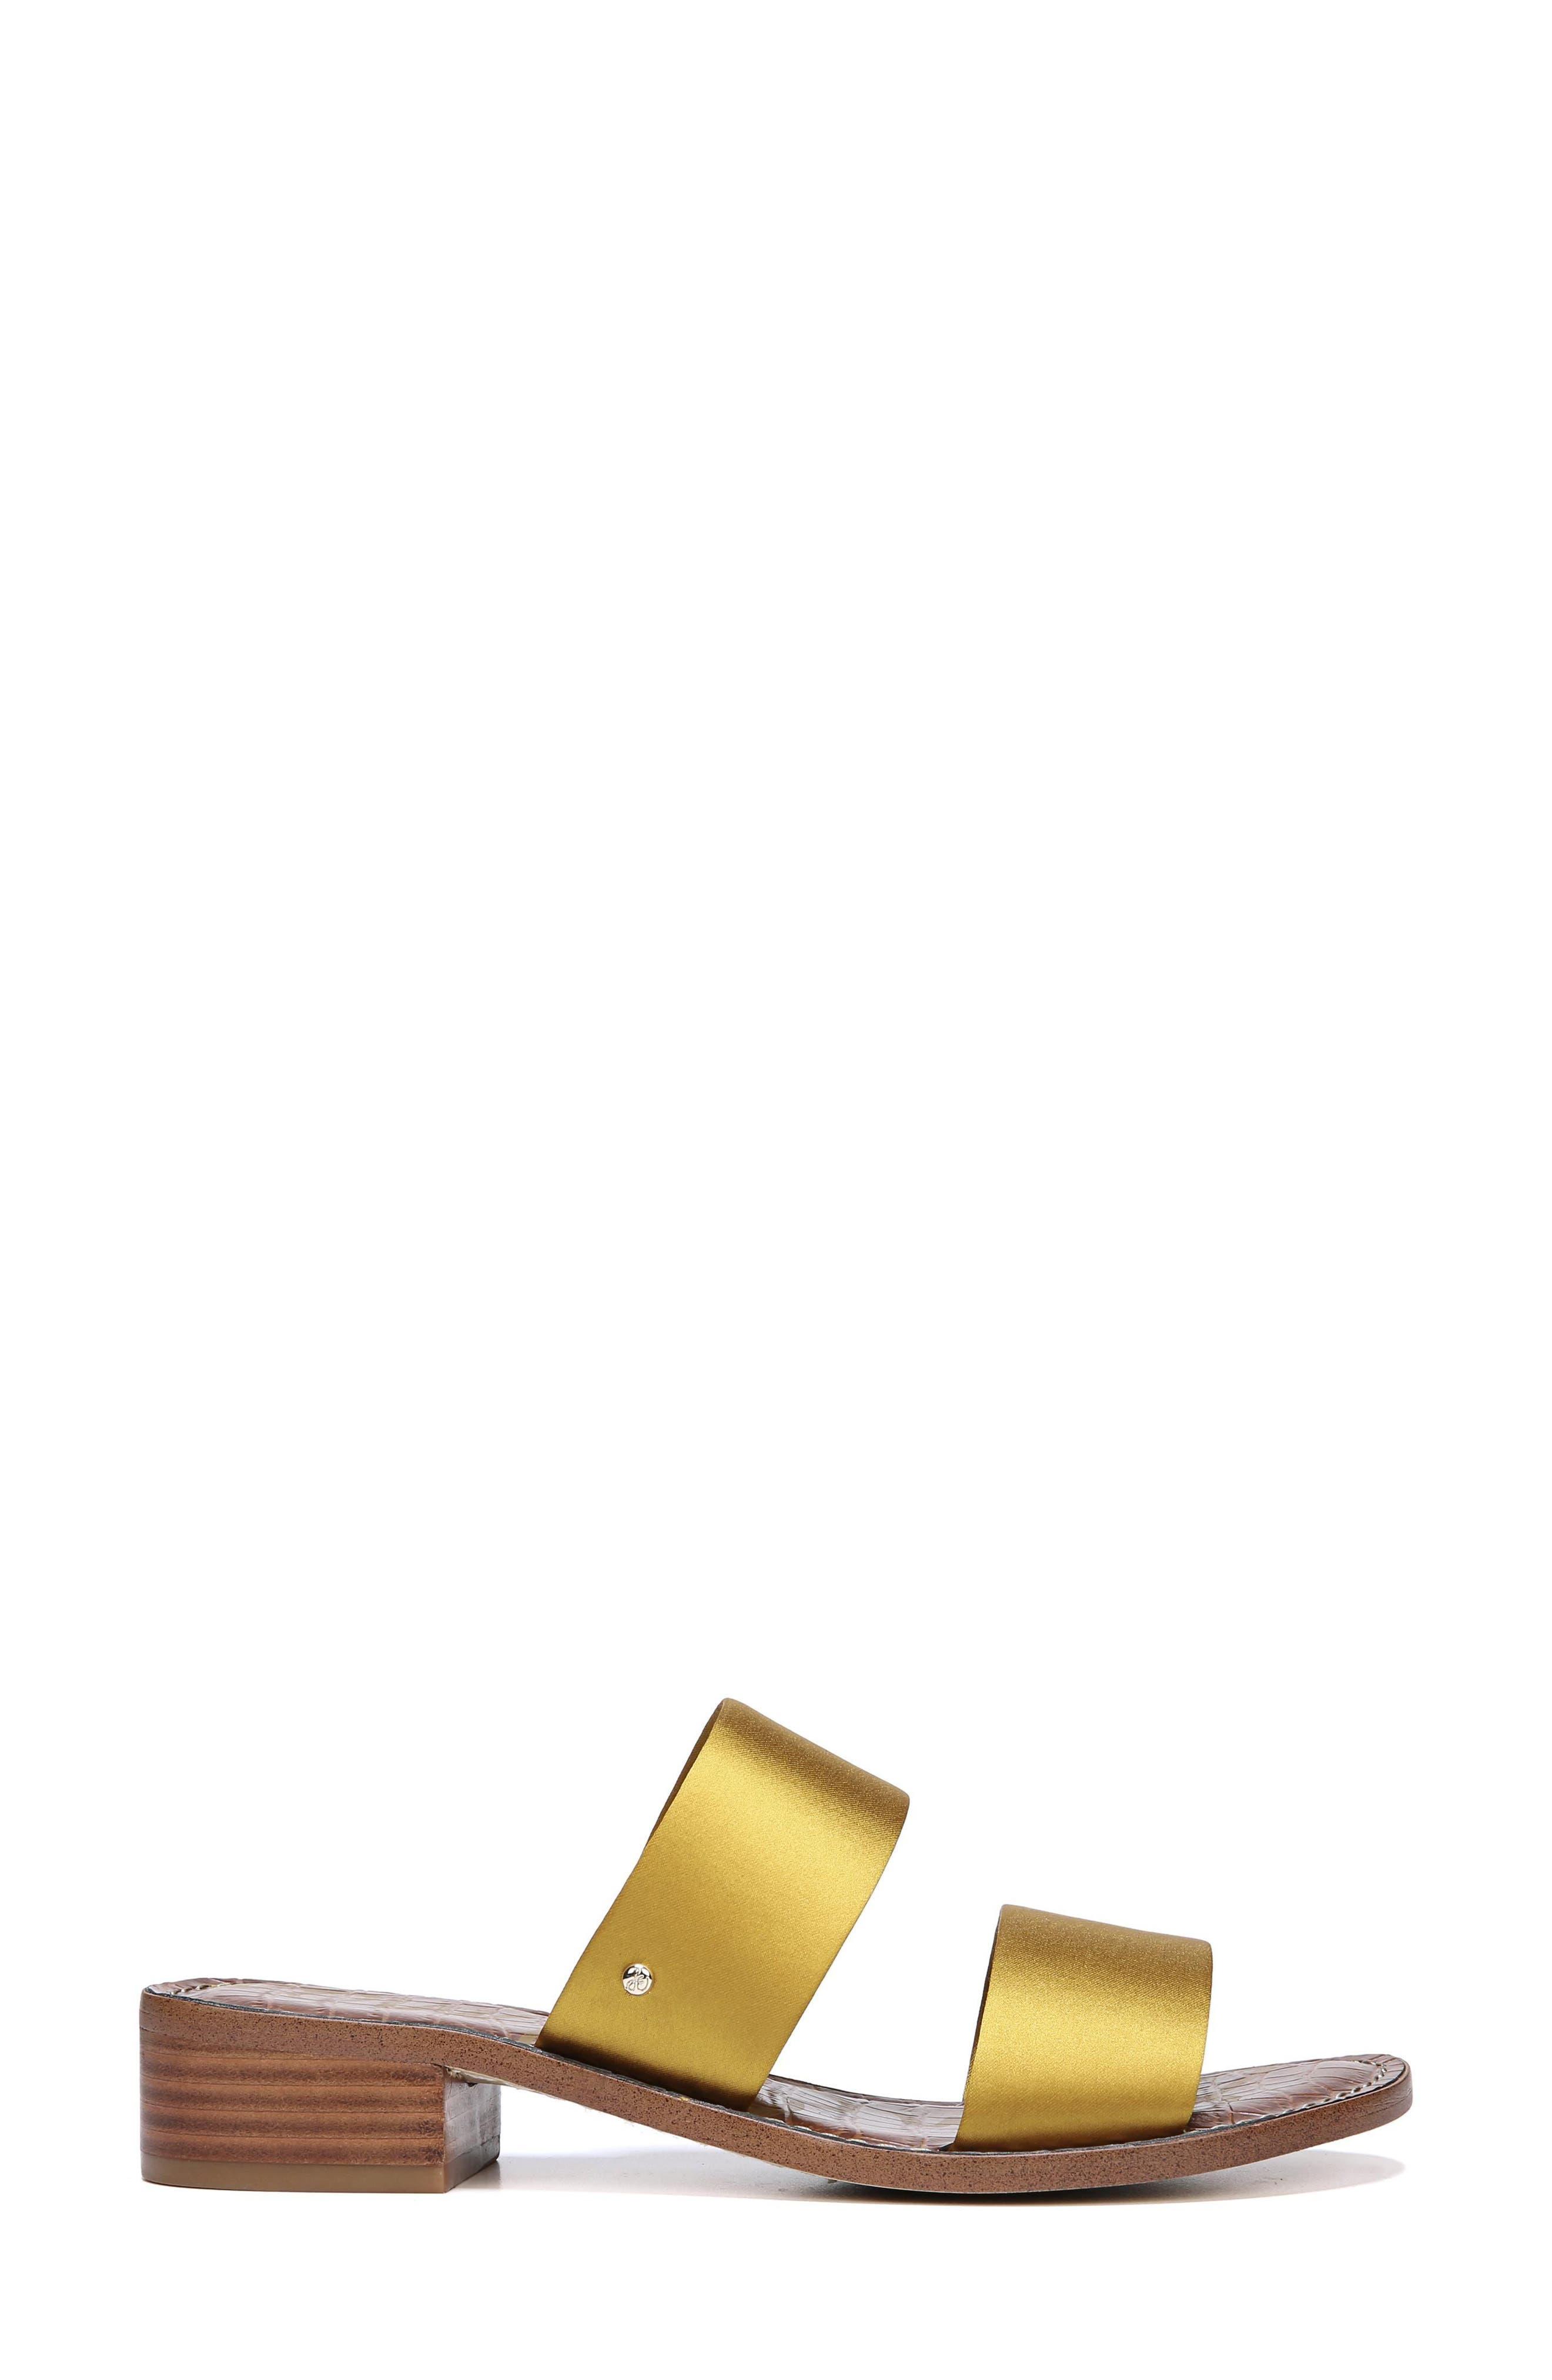 Jeni Sandal,                             Alternate thumbnail 3, color,                             TUSCAN YELLOW SATIN